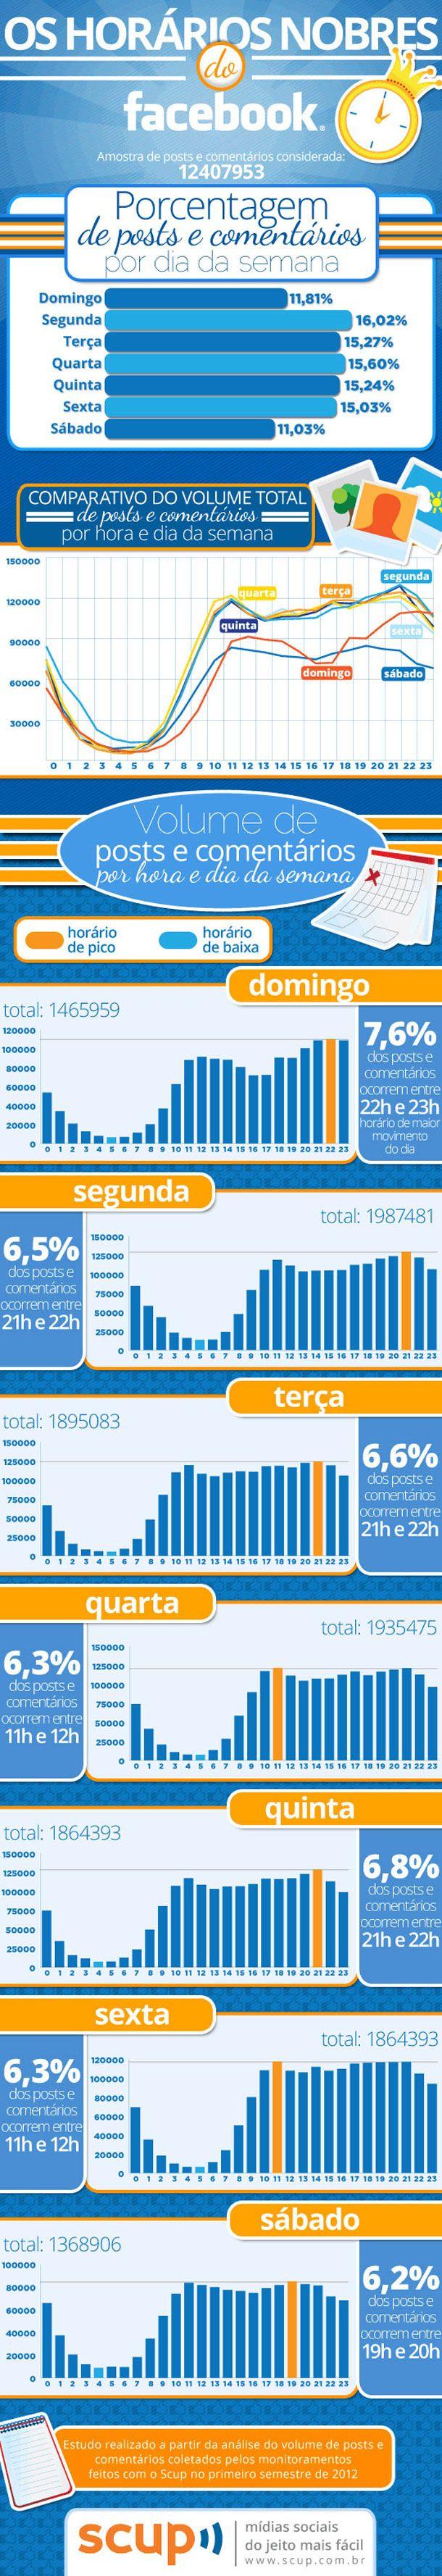 Os horários nobres do Facebook: muitos se perguntam qual é o melhor horário para fazer uma publicação no facebook, isso varia muito do conteúdo da publicação e também do seu público, mas temos que considerar os horários de melhor pico na rede social.A Scup trouxe um infográfico bem interessante com alguns dados importantes para publicações no facebook.